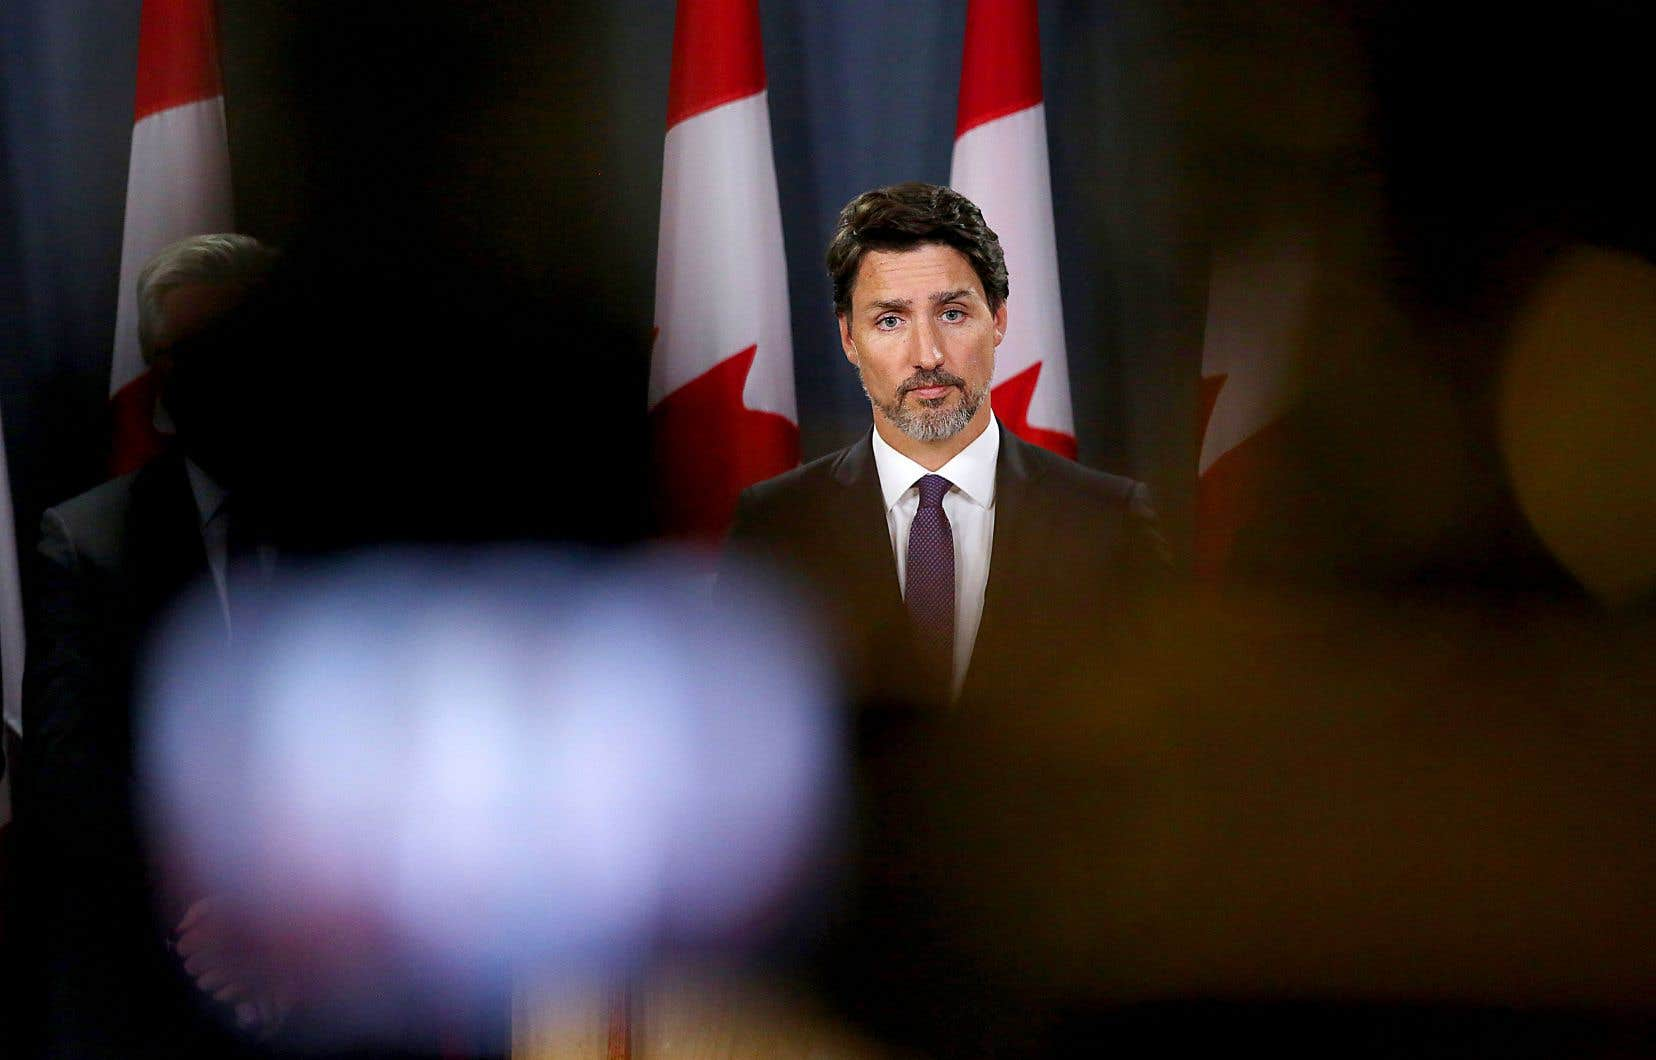 Le premier ministre lors d'un point de presse concernant l'écrasement du vol 752 d'Ukraine International Airlines en Iran, le 9 janvier dernier à Ottawa